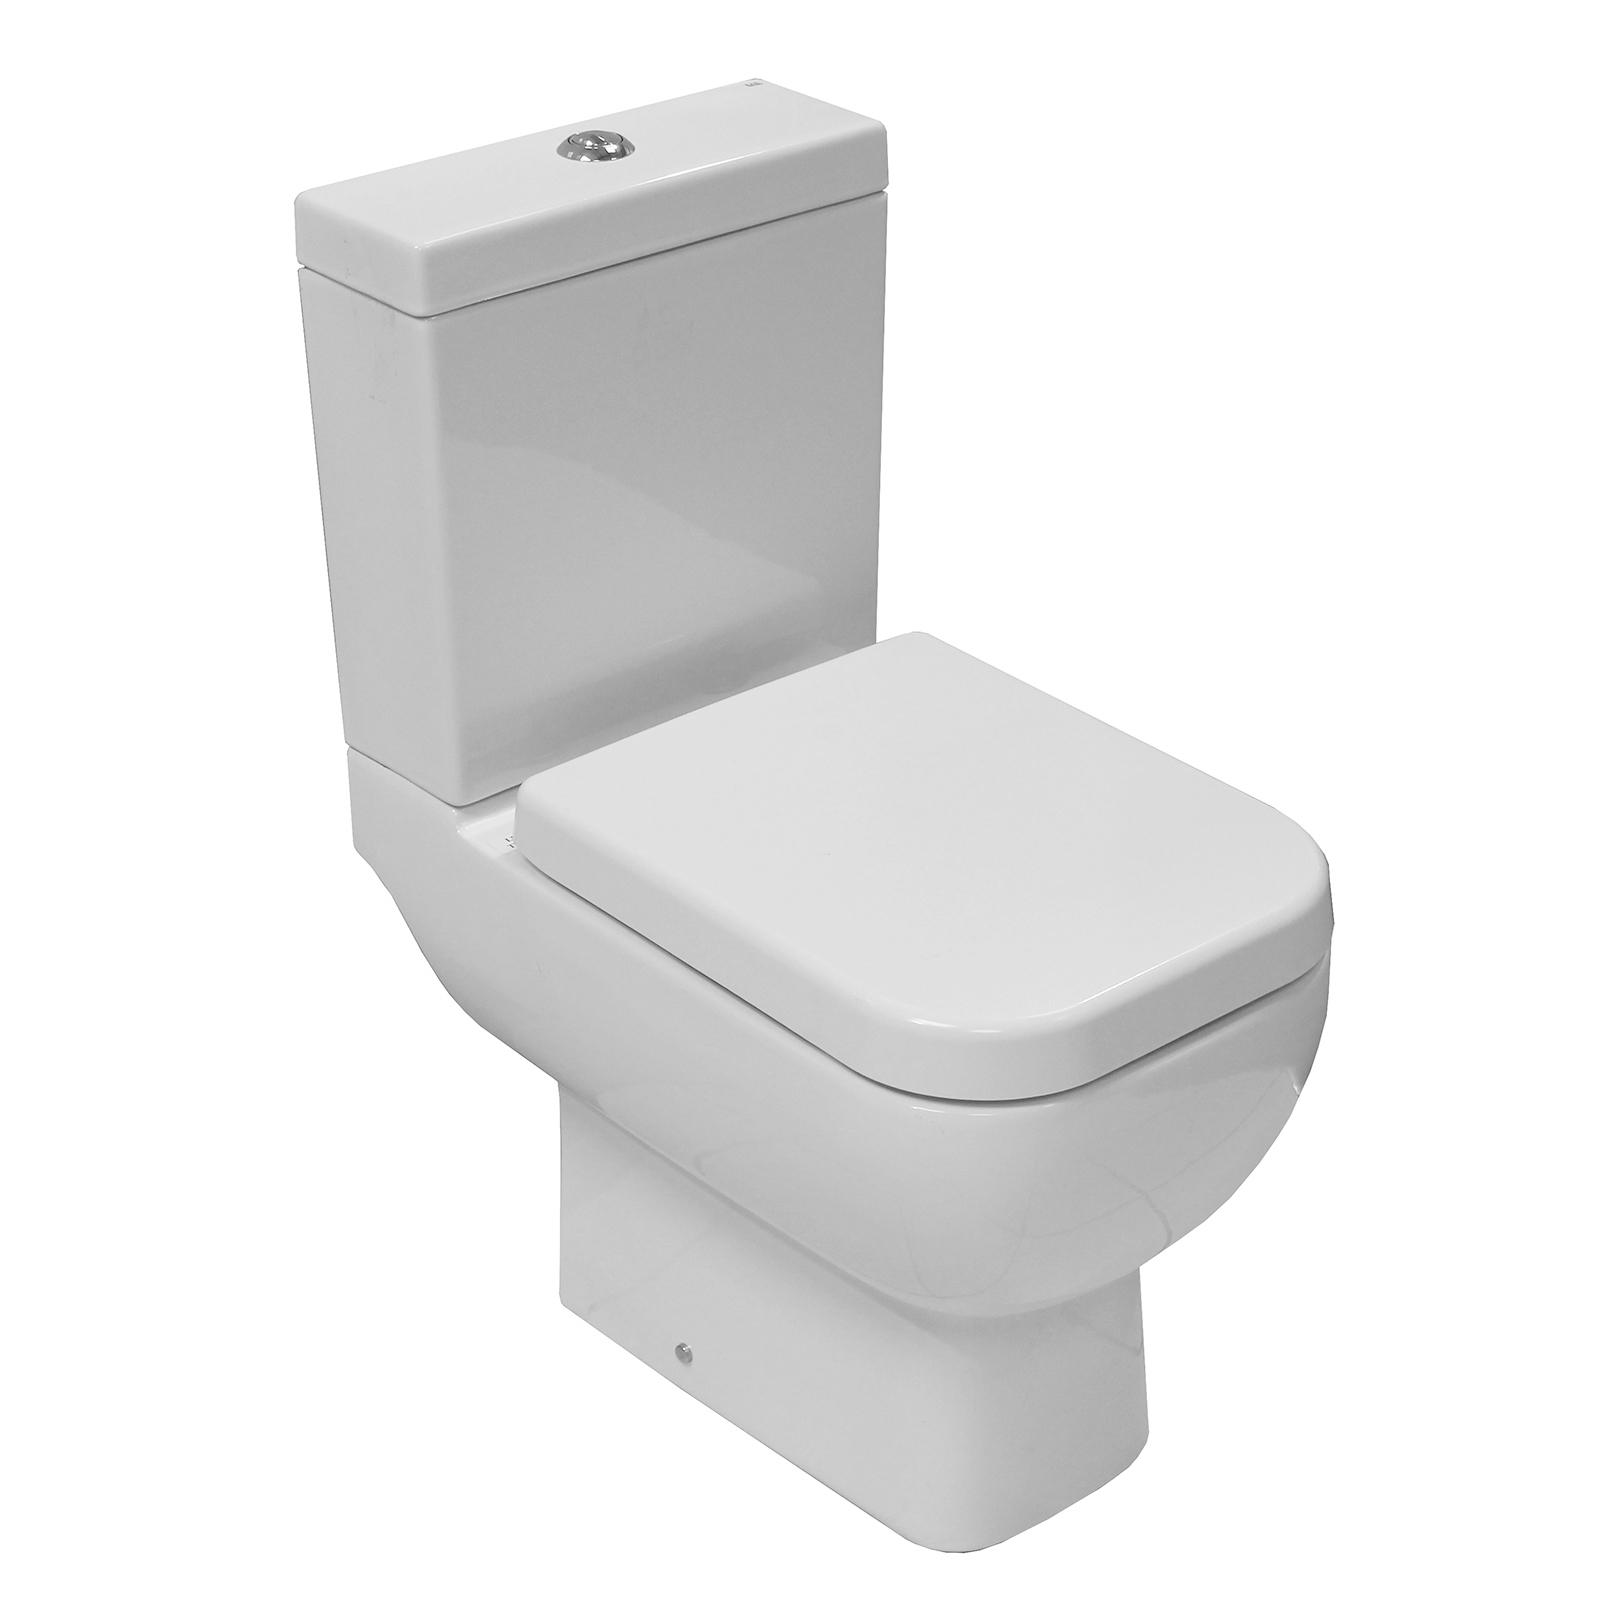 Rak Series 600 Close Coupled WC Toilet £145.99 at Allbits Plumbing ...